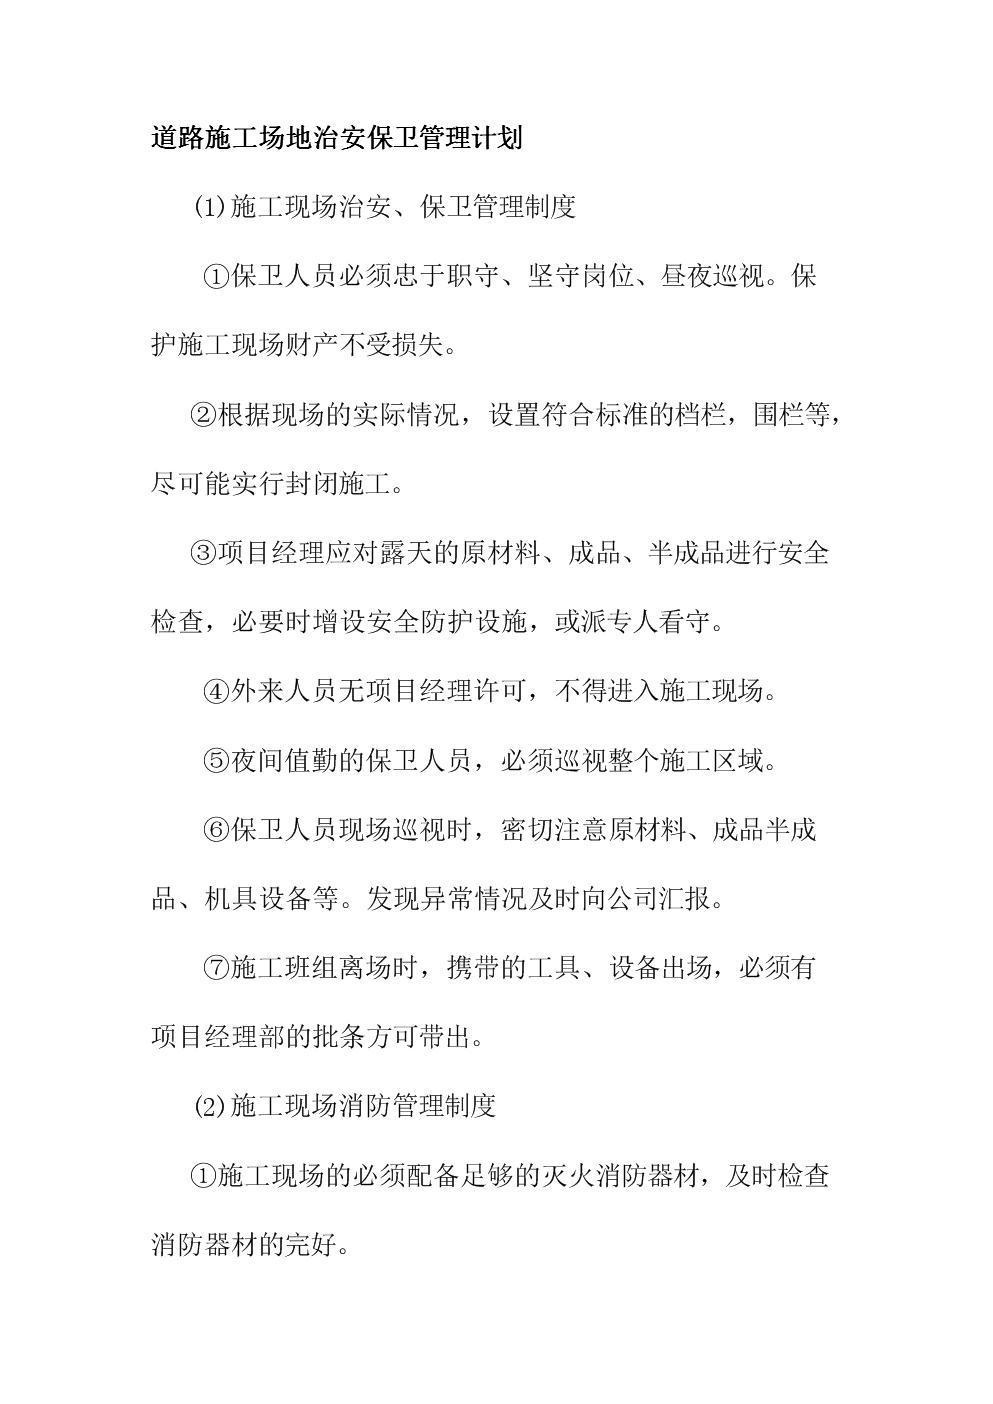 道路施工场地治安保卫管理计划资料.doc